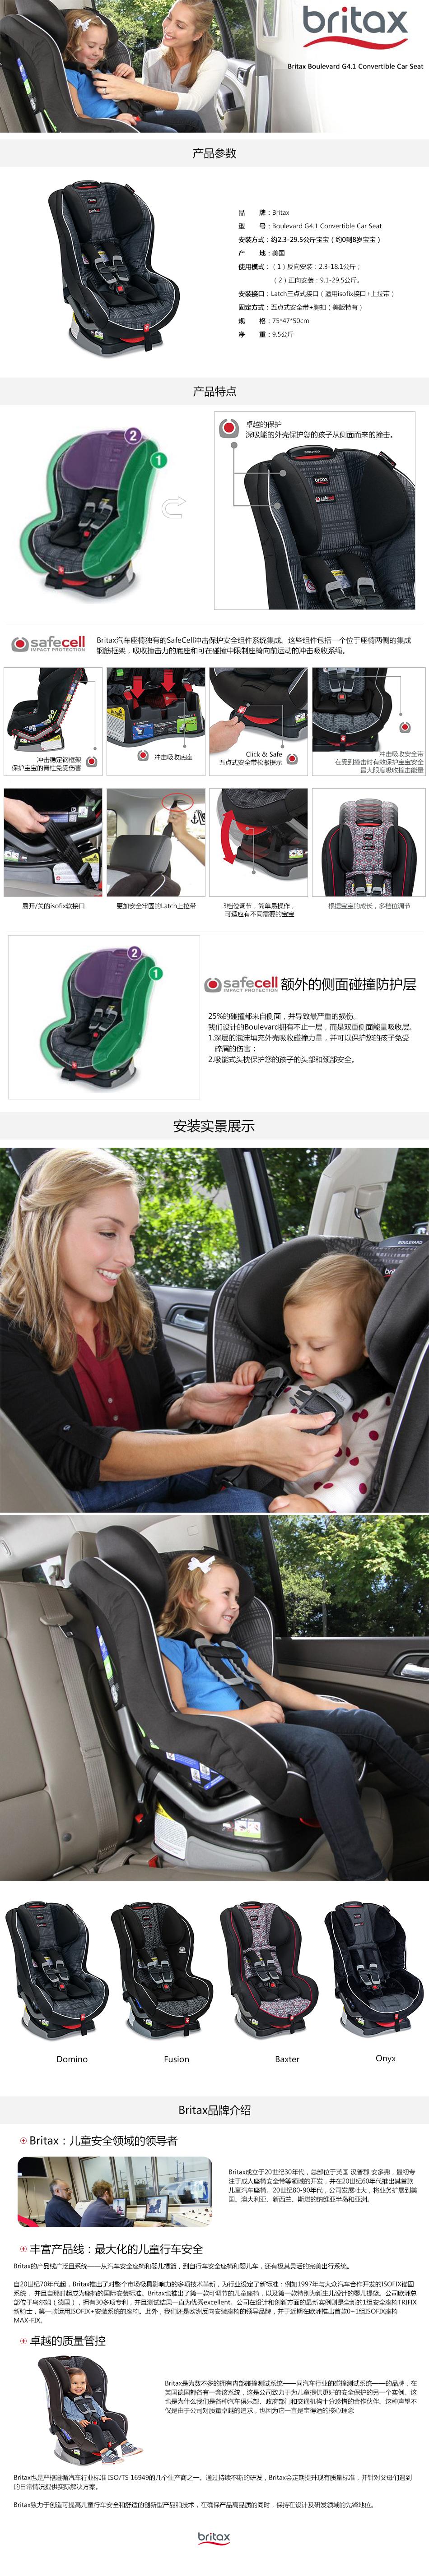 中国亚马逊: 百代适(Britax) Boulevard G4.1 Convertible儿童安全座椅 ¥1799